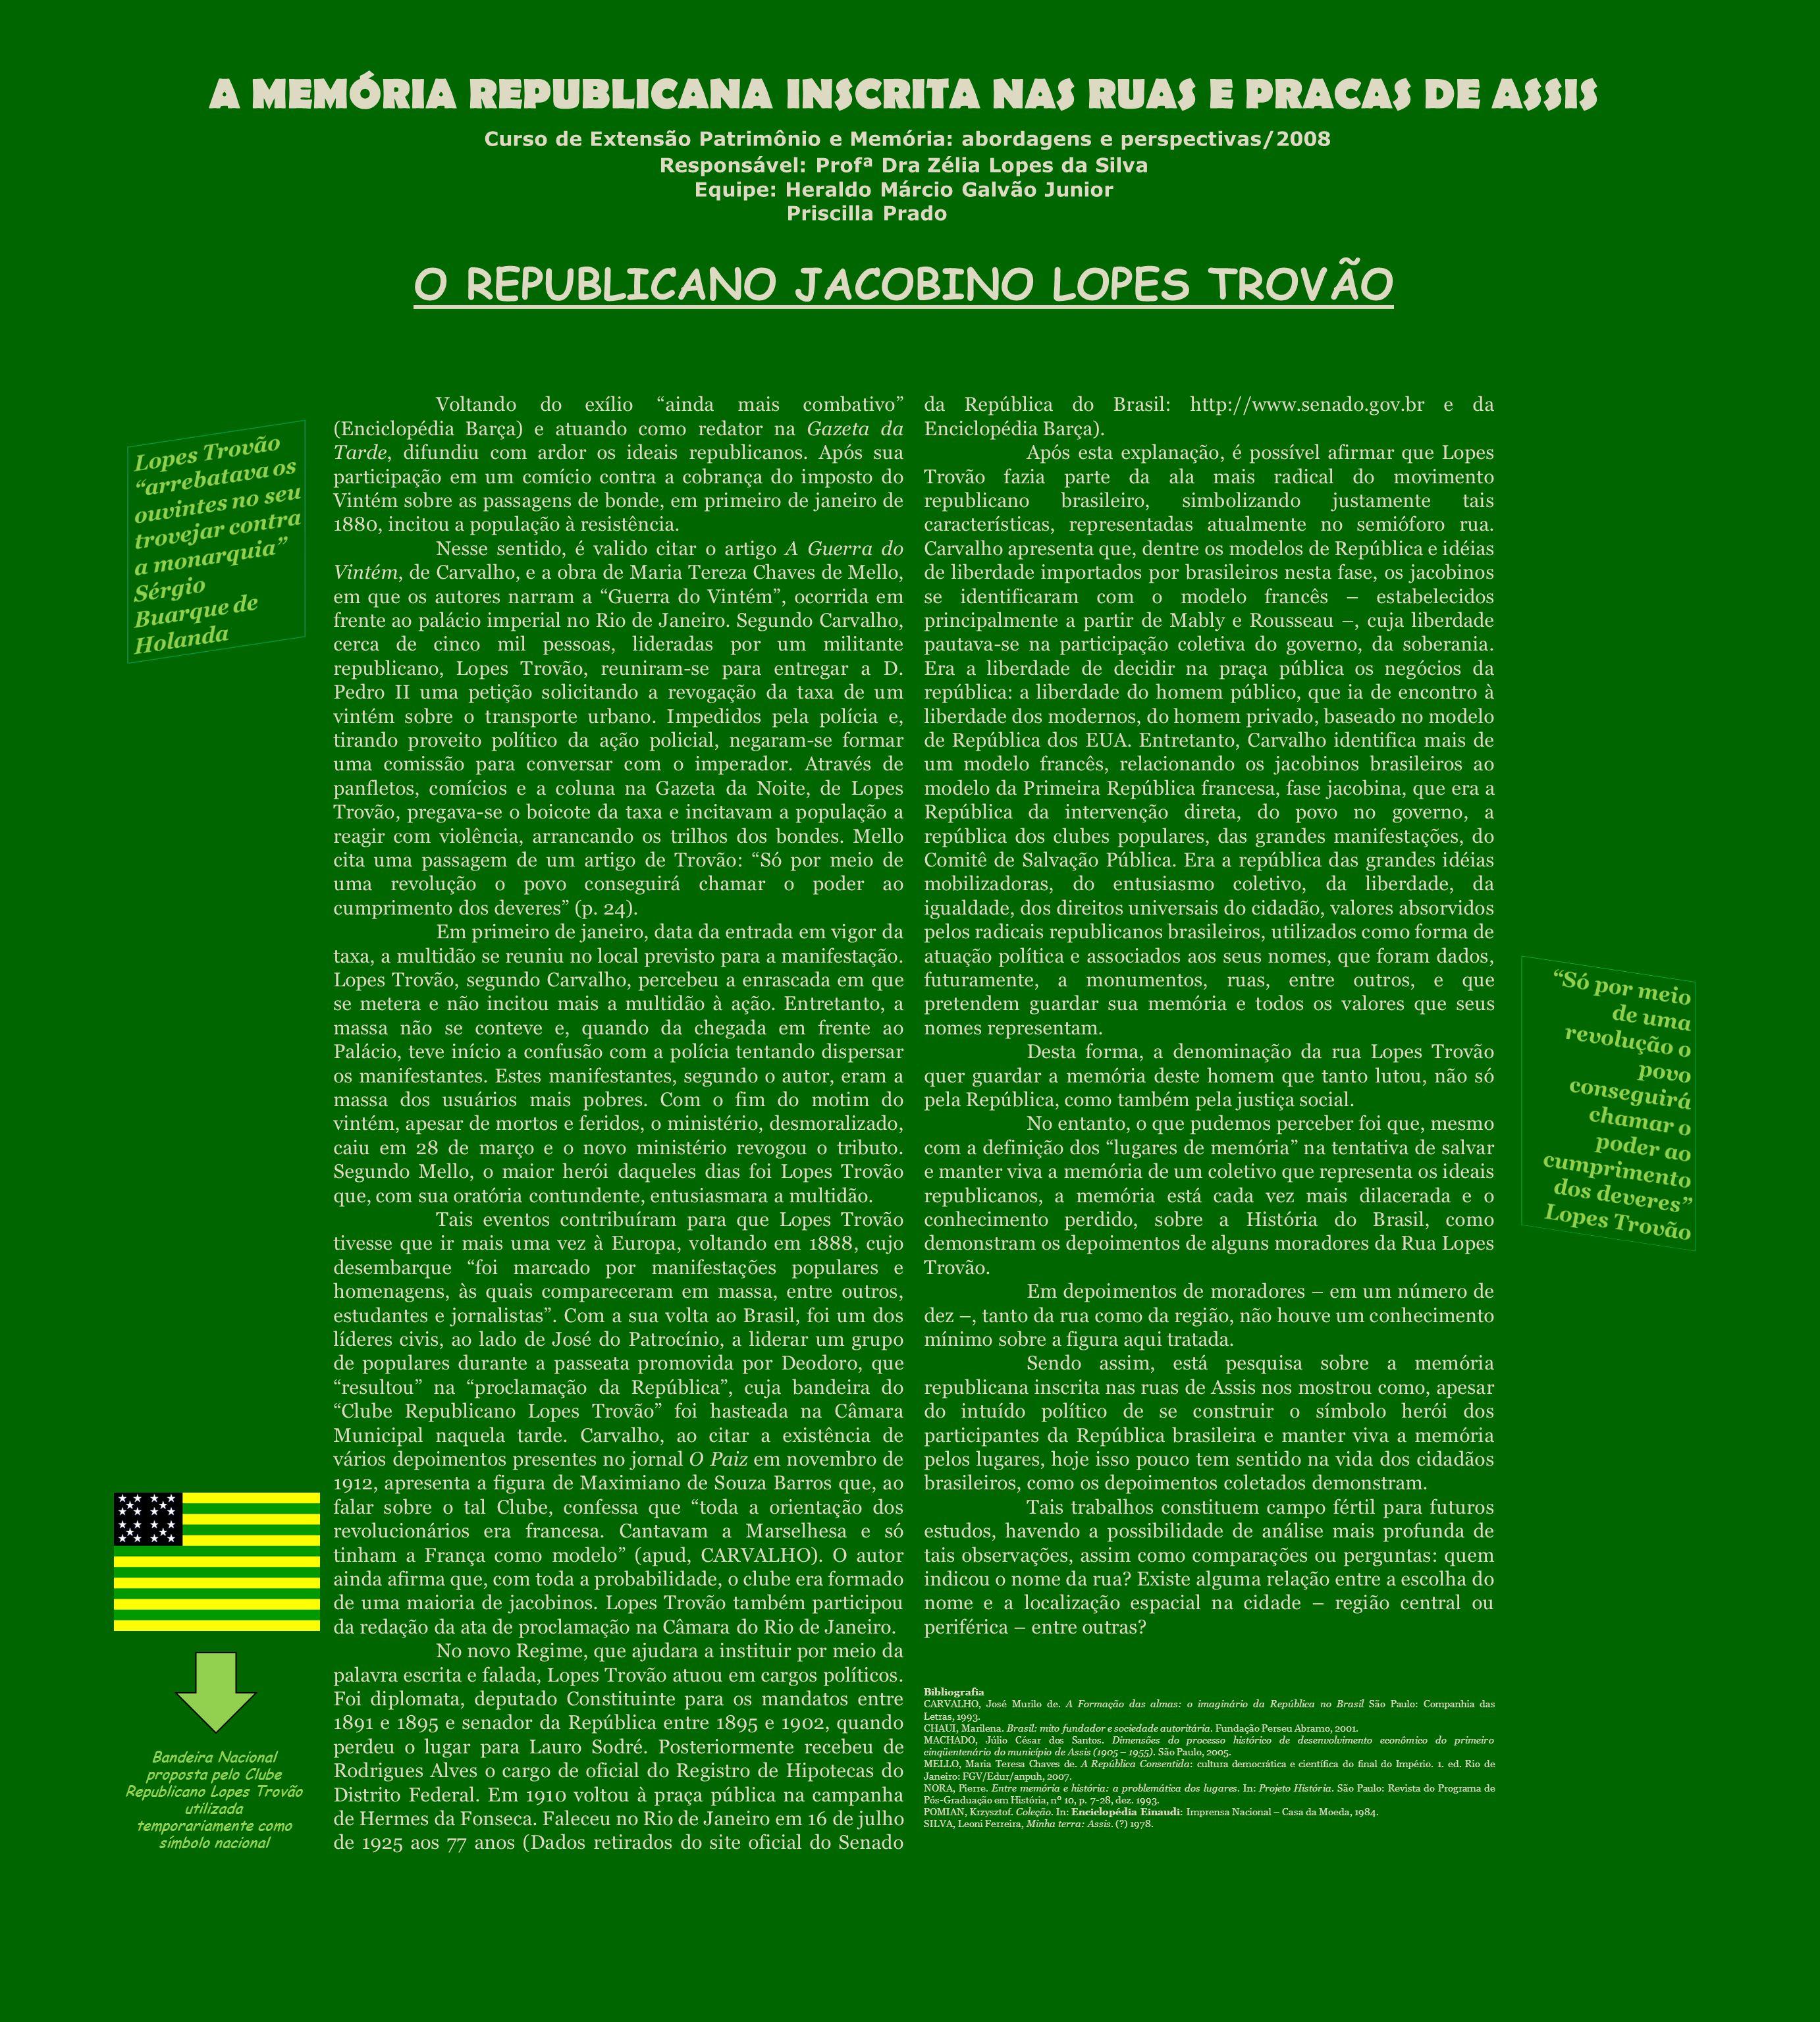 Voltando do exílio ainda mais combativo (Enciclopédia Barça) e atuando como redator na Gazeta da Tarde, difundiu com ardor os ideais republicanos.